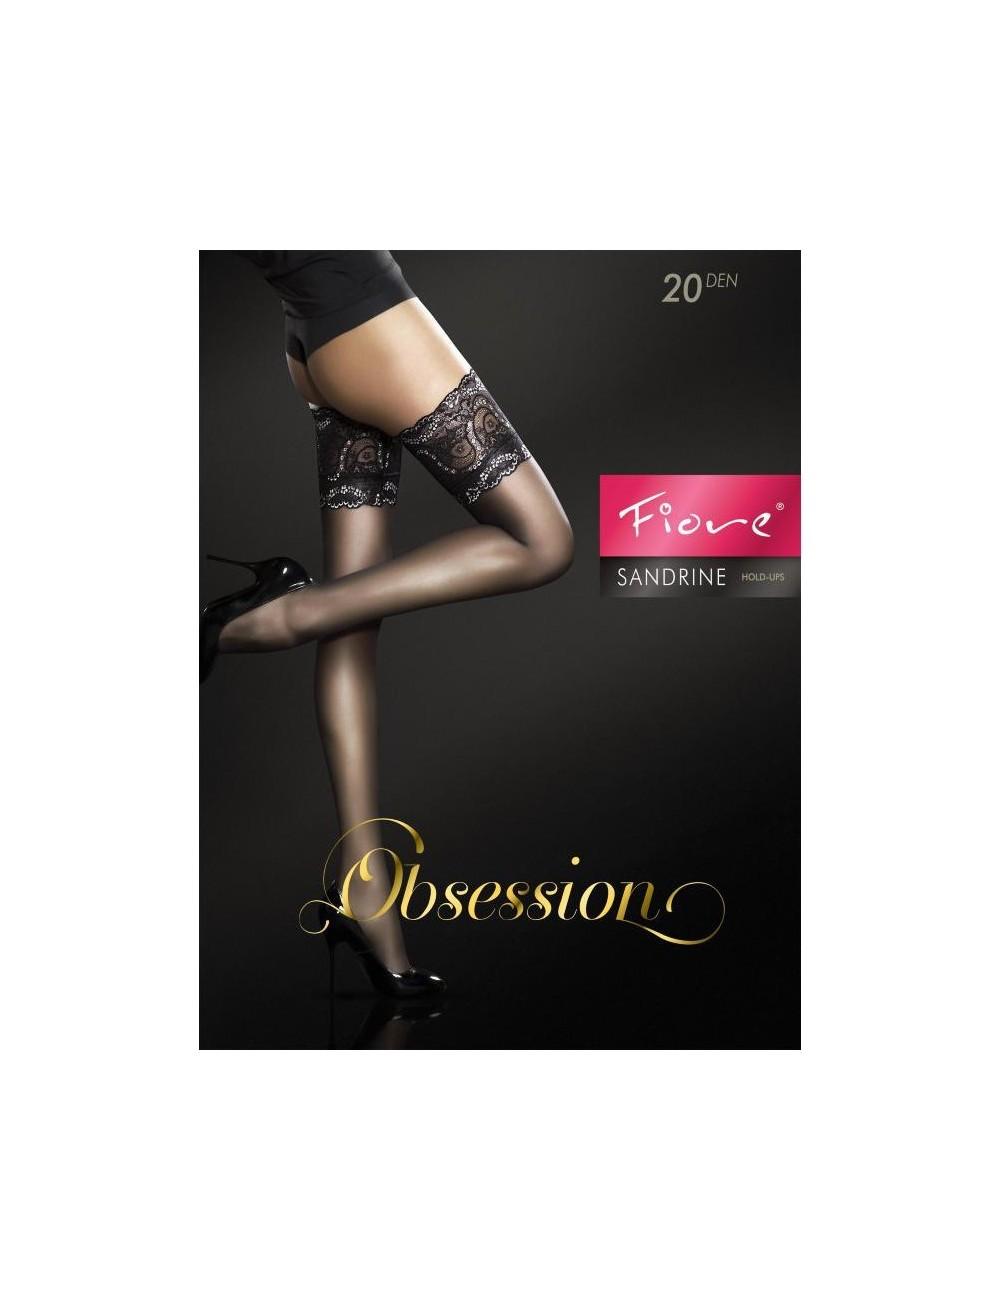 Lingerie - Bas - Bas en dentelle sexy noire avec double bande silicone 20 DEN Sandrine - Fiore